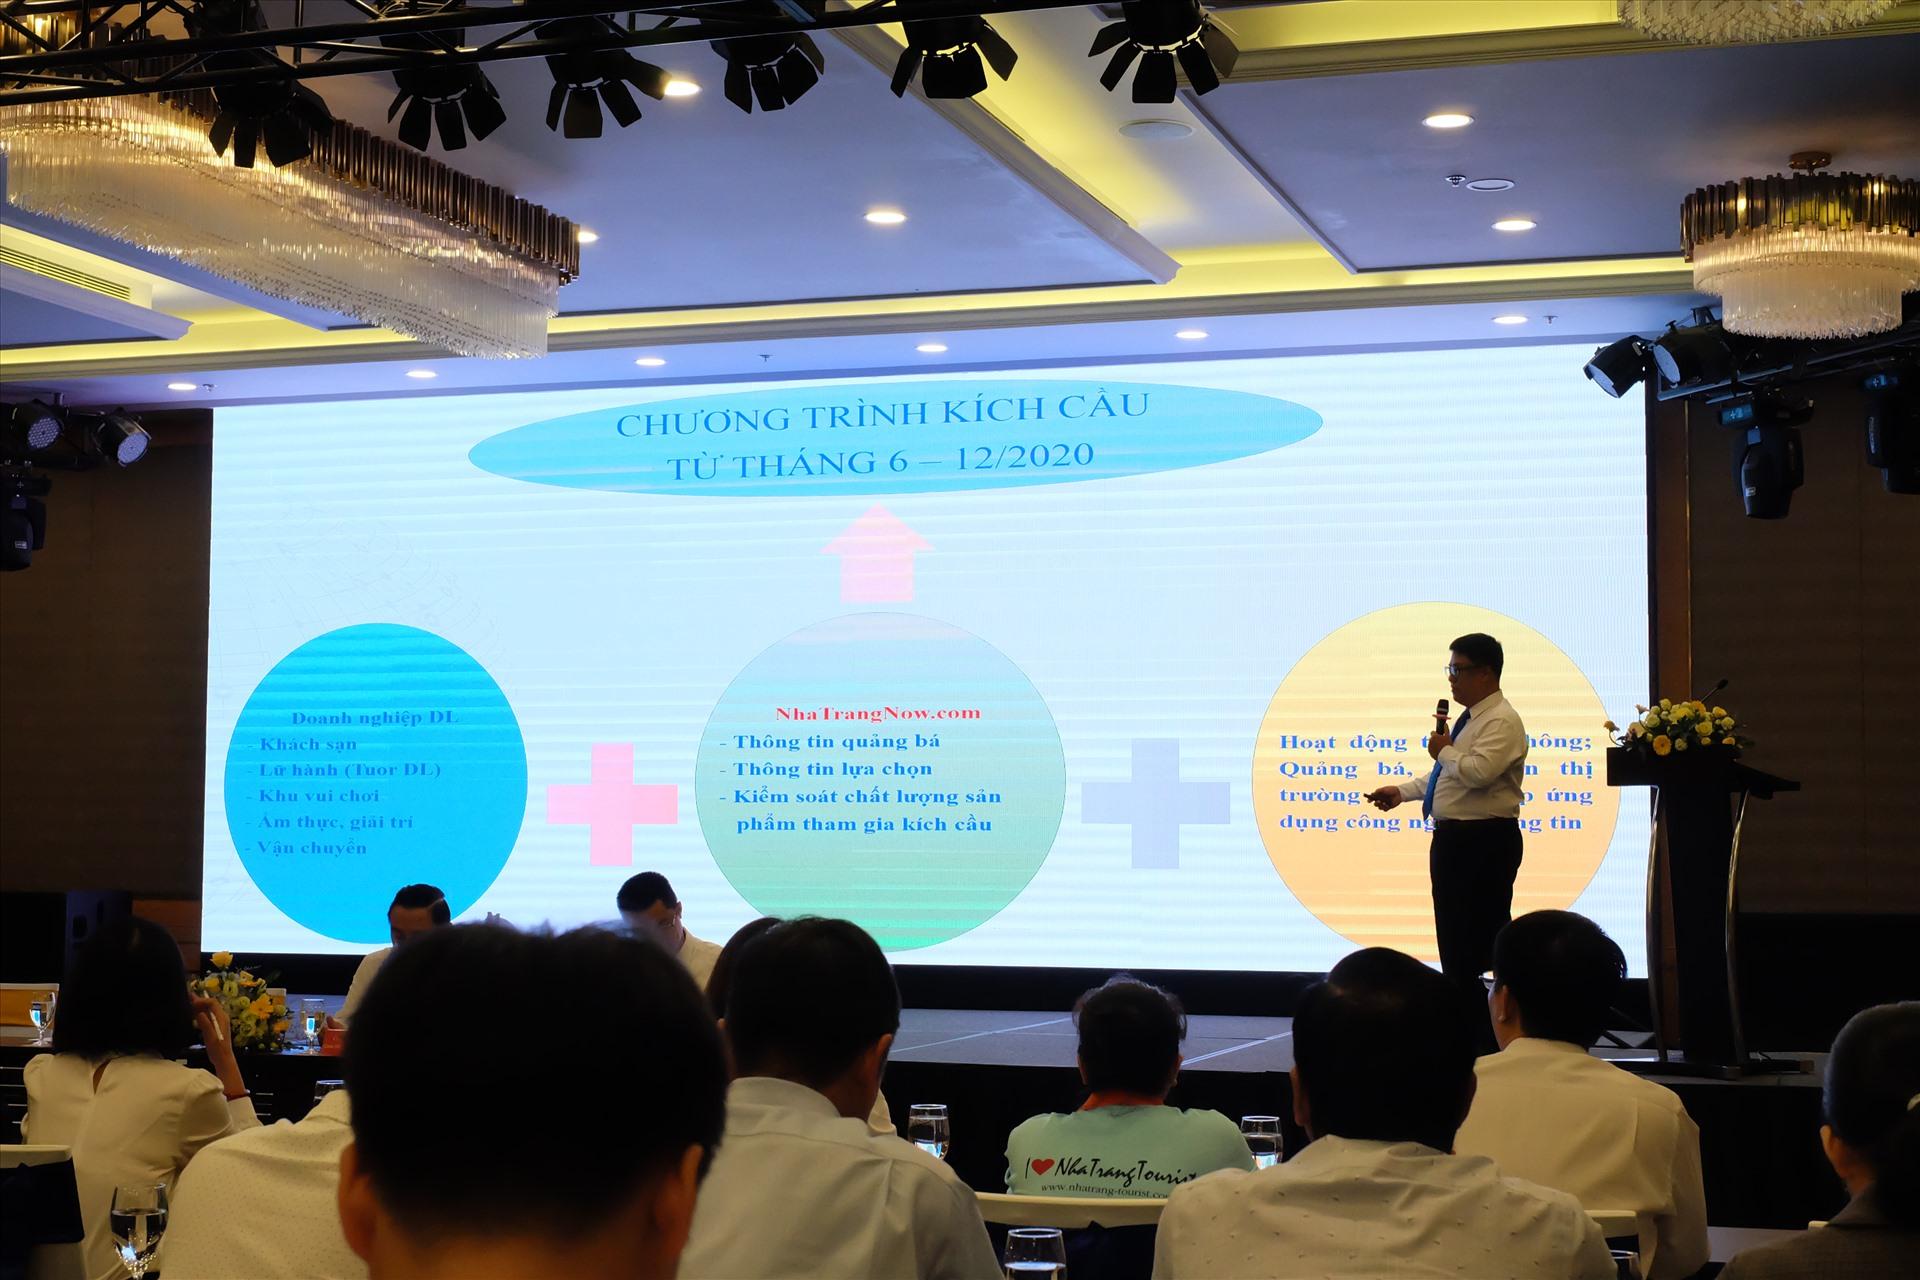 Chương trình kích cầu du lịch với nhiều chuỗi sự kiện sẽ diễn ra trong thời gian tới ở Nha Trang, Khánh Hòa. Ảnh: Nhiệt Băng